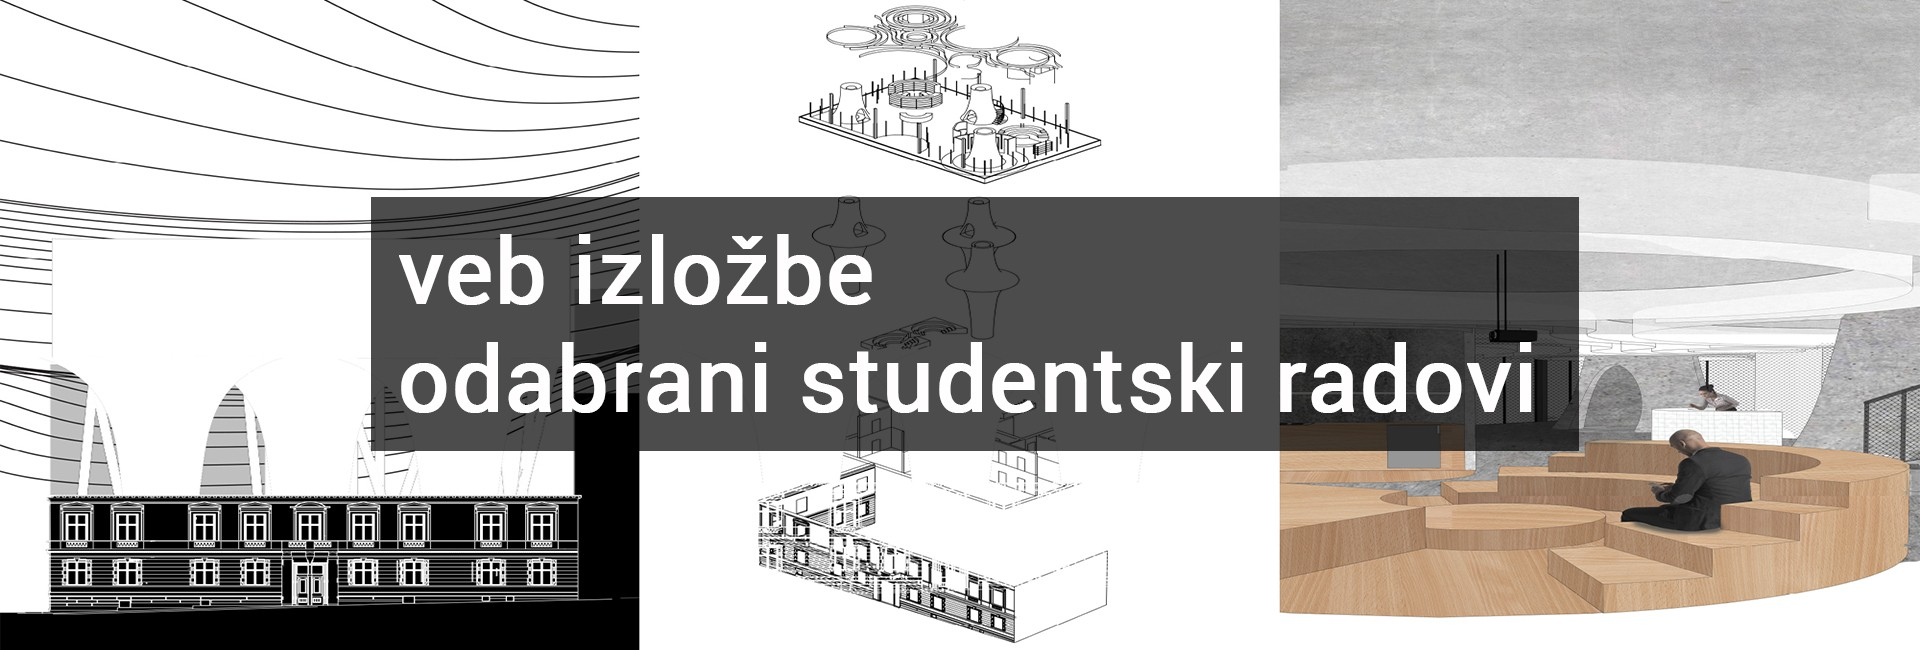 Веб изложбе студентских радова 2019/20